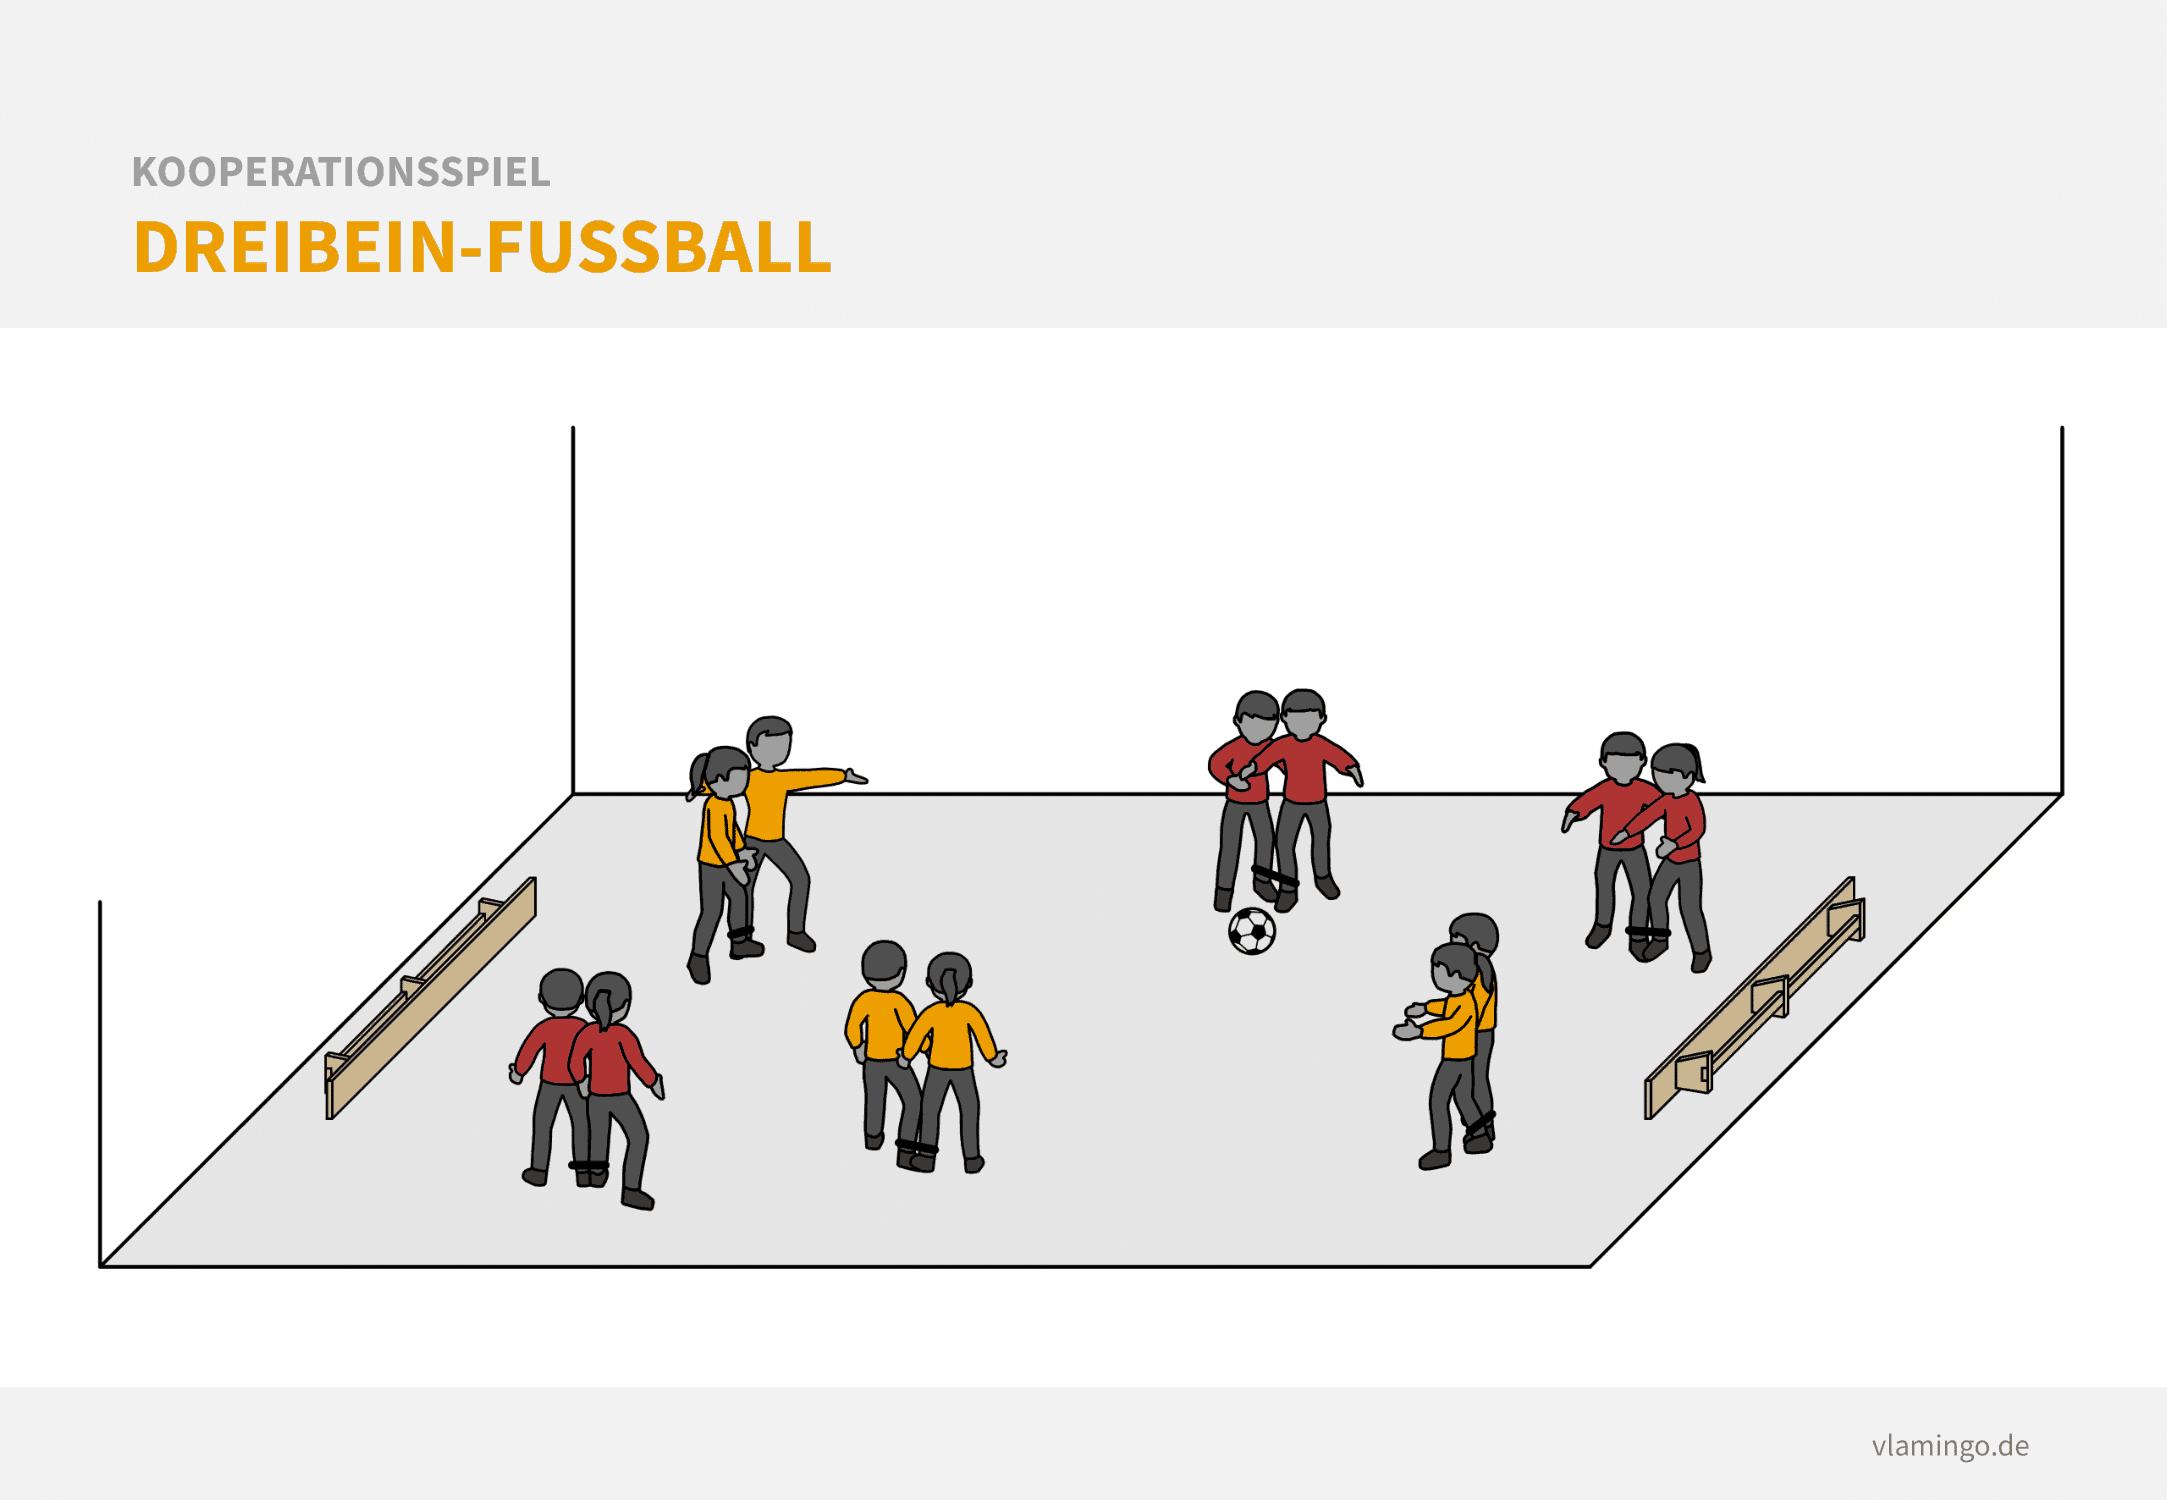 Kooperationsspiel: Dreibein-Fußball